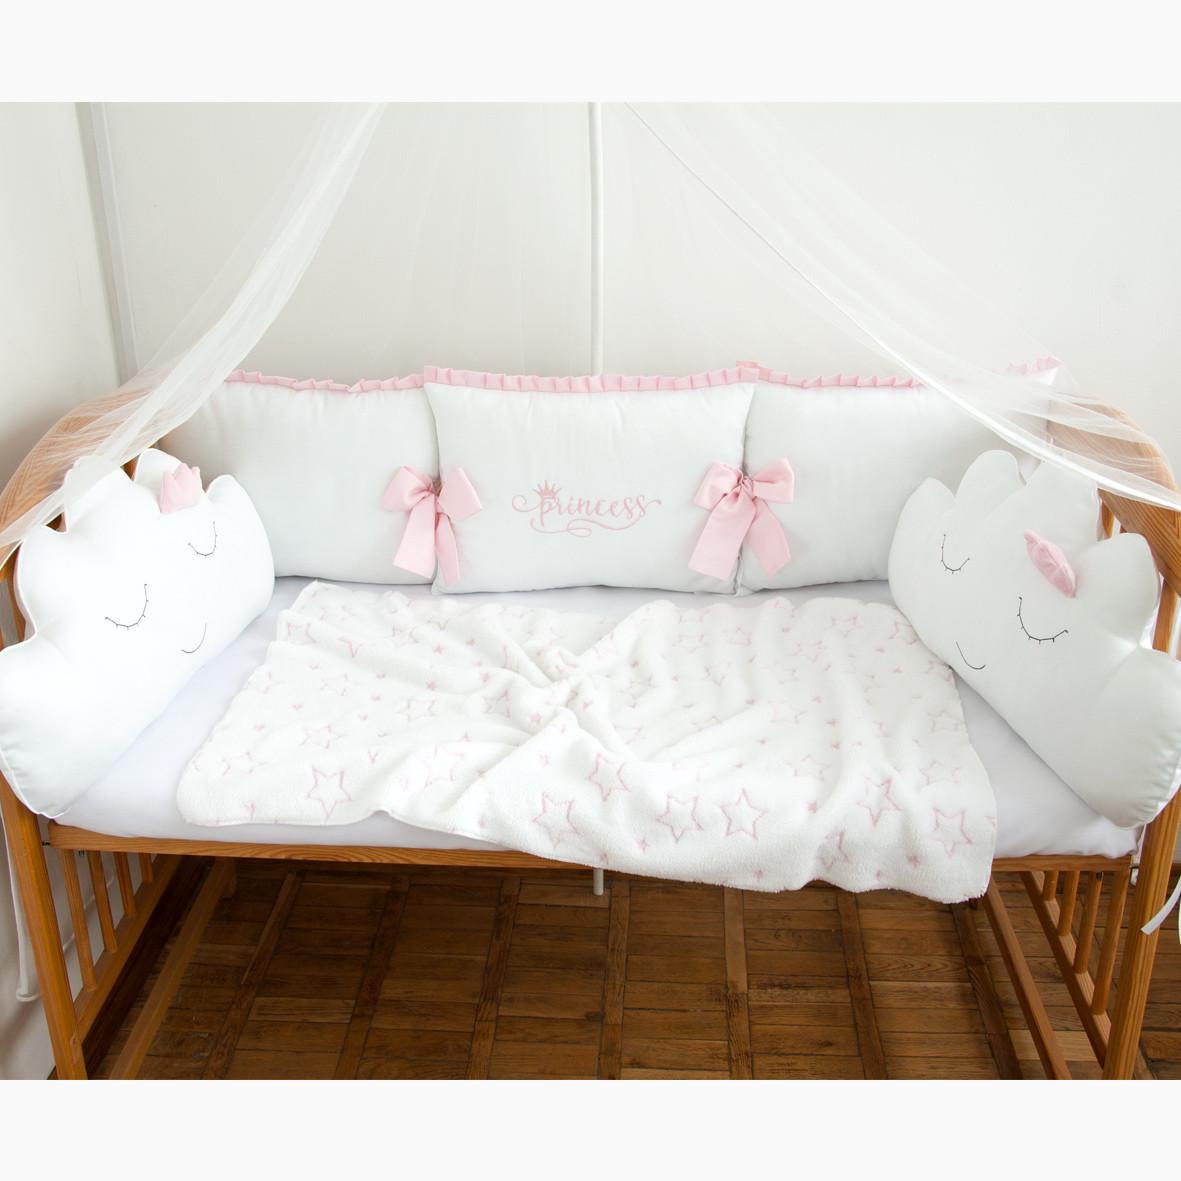 """Защита в детскую кроватку """"Принцесса"""", сатин, М-01"""